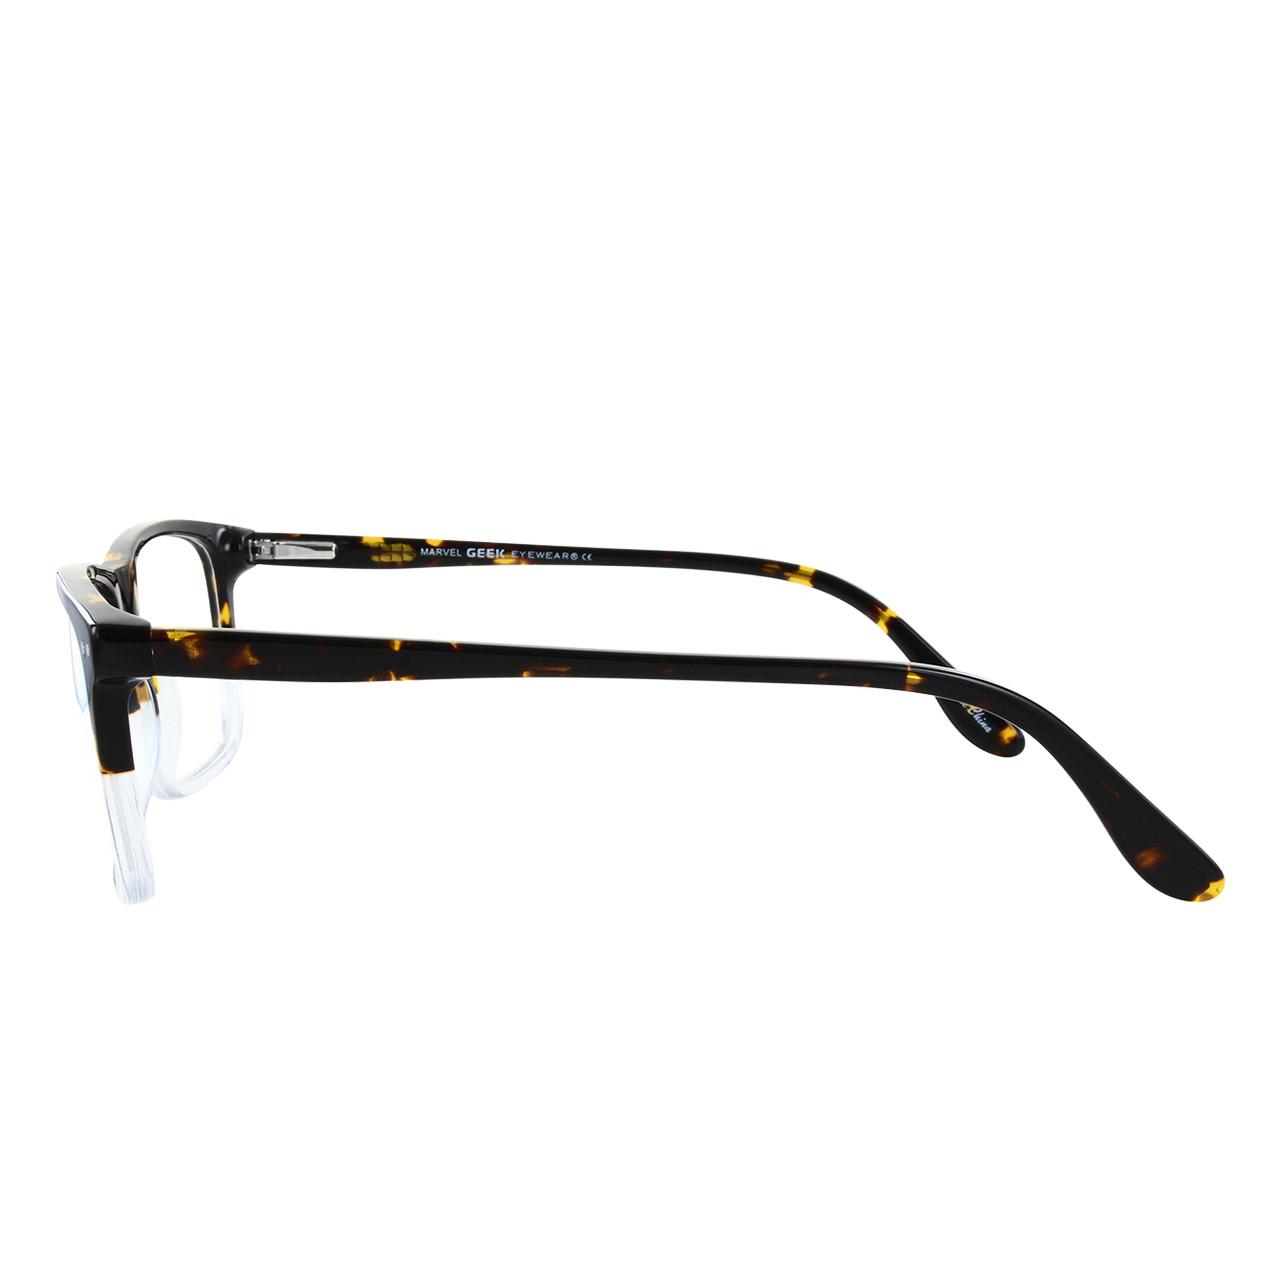 GEEK Eyewear GEEK Marvel